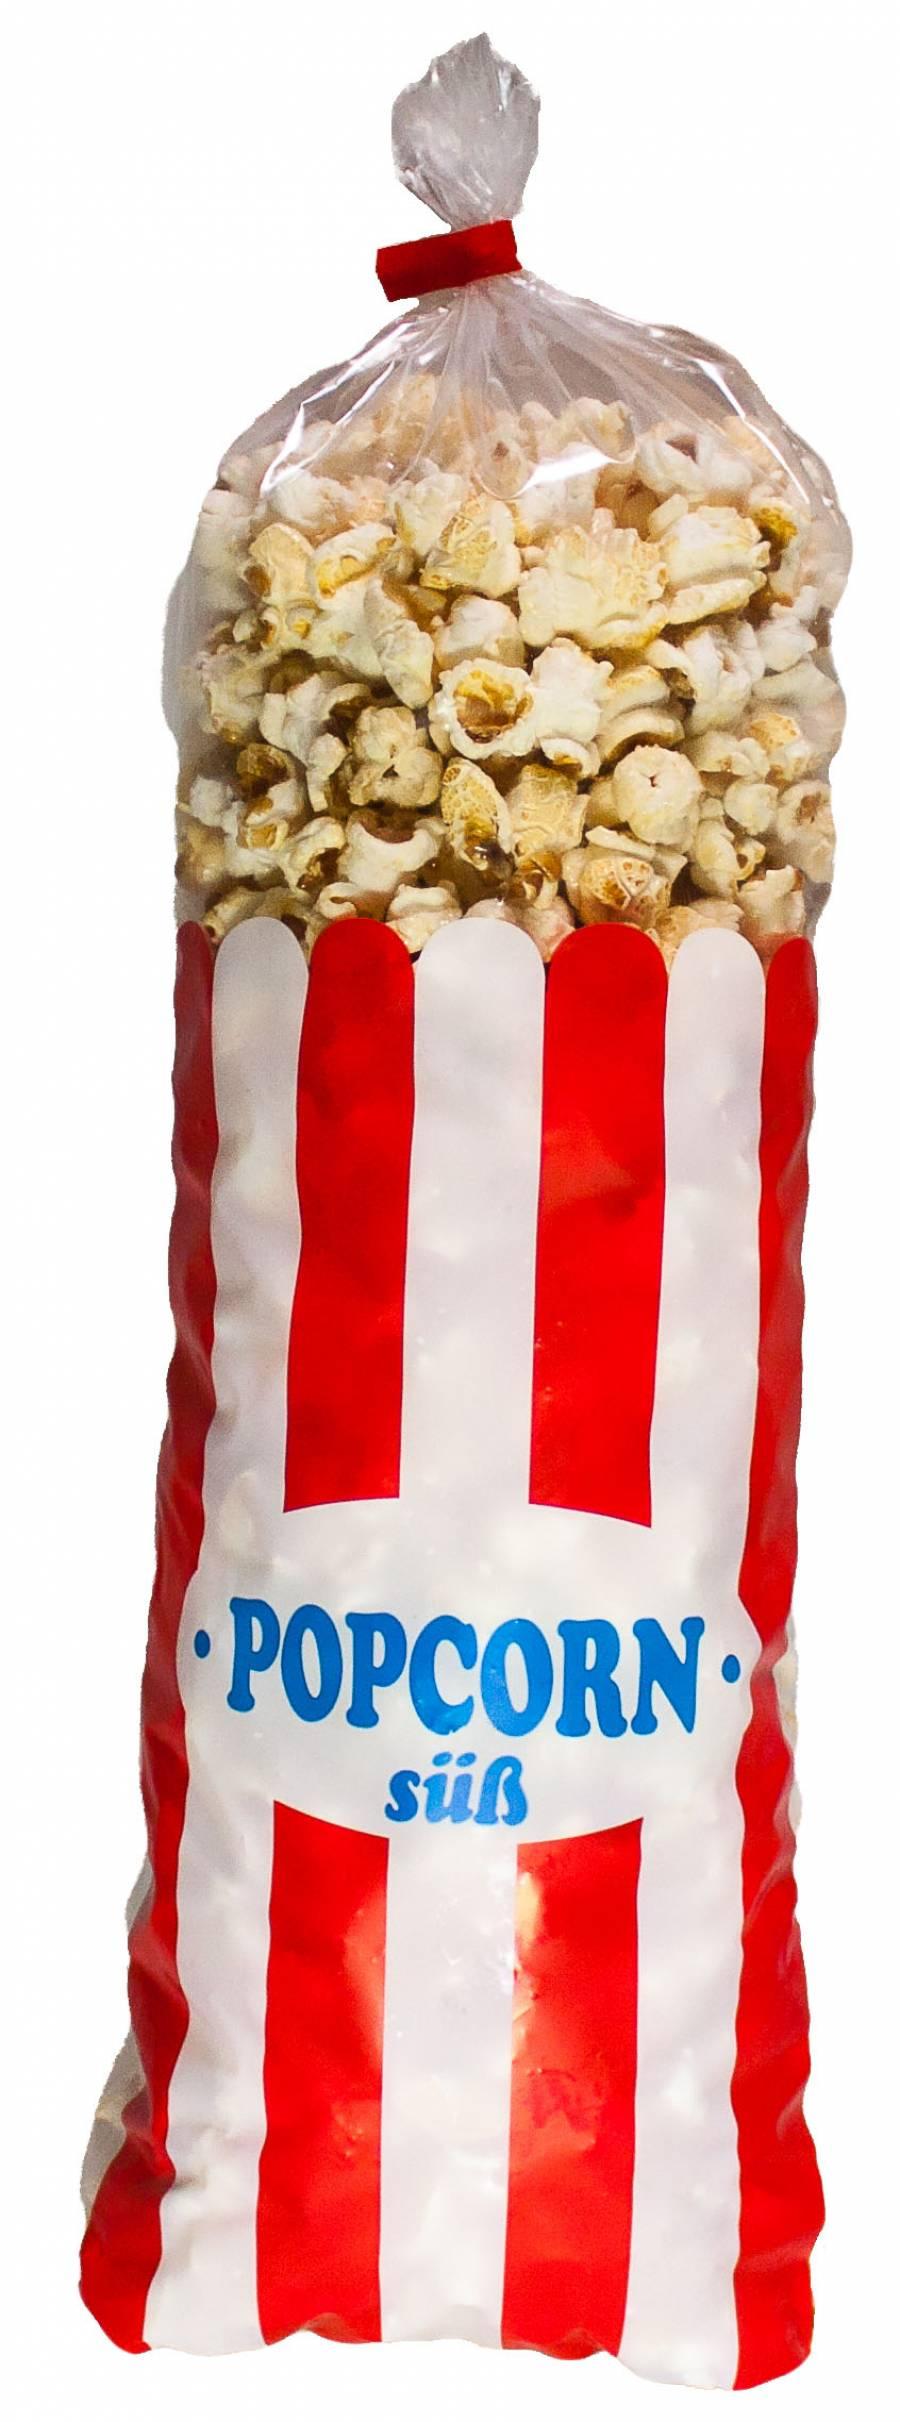 Popcorn süß ,150 Gramm wie vom Volksfest